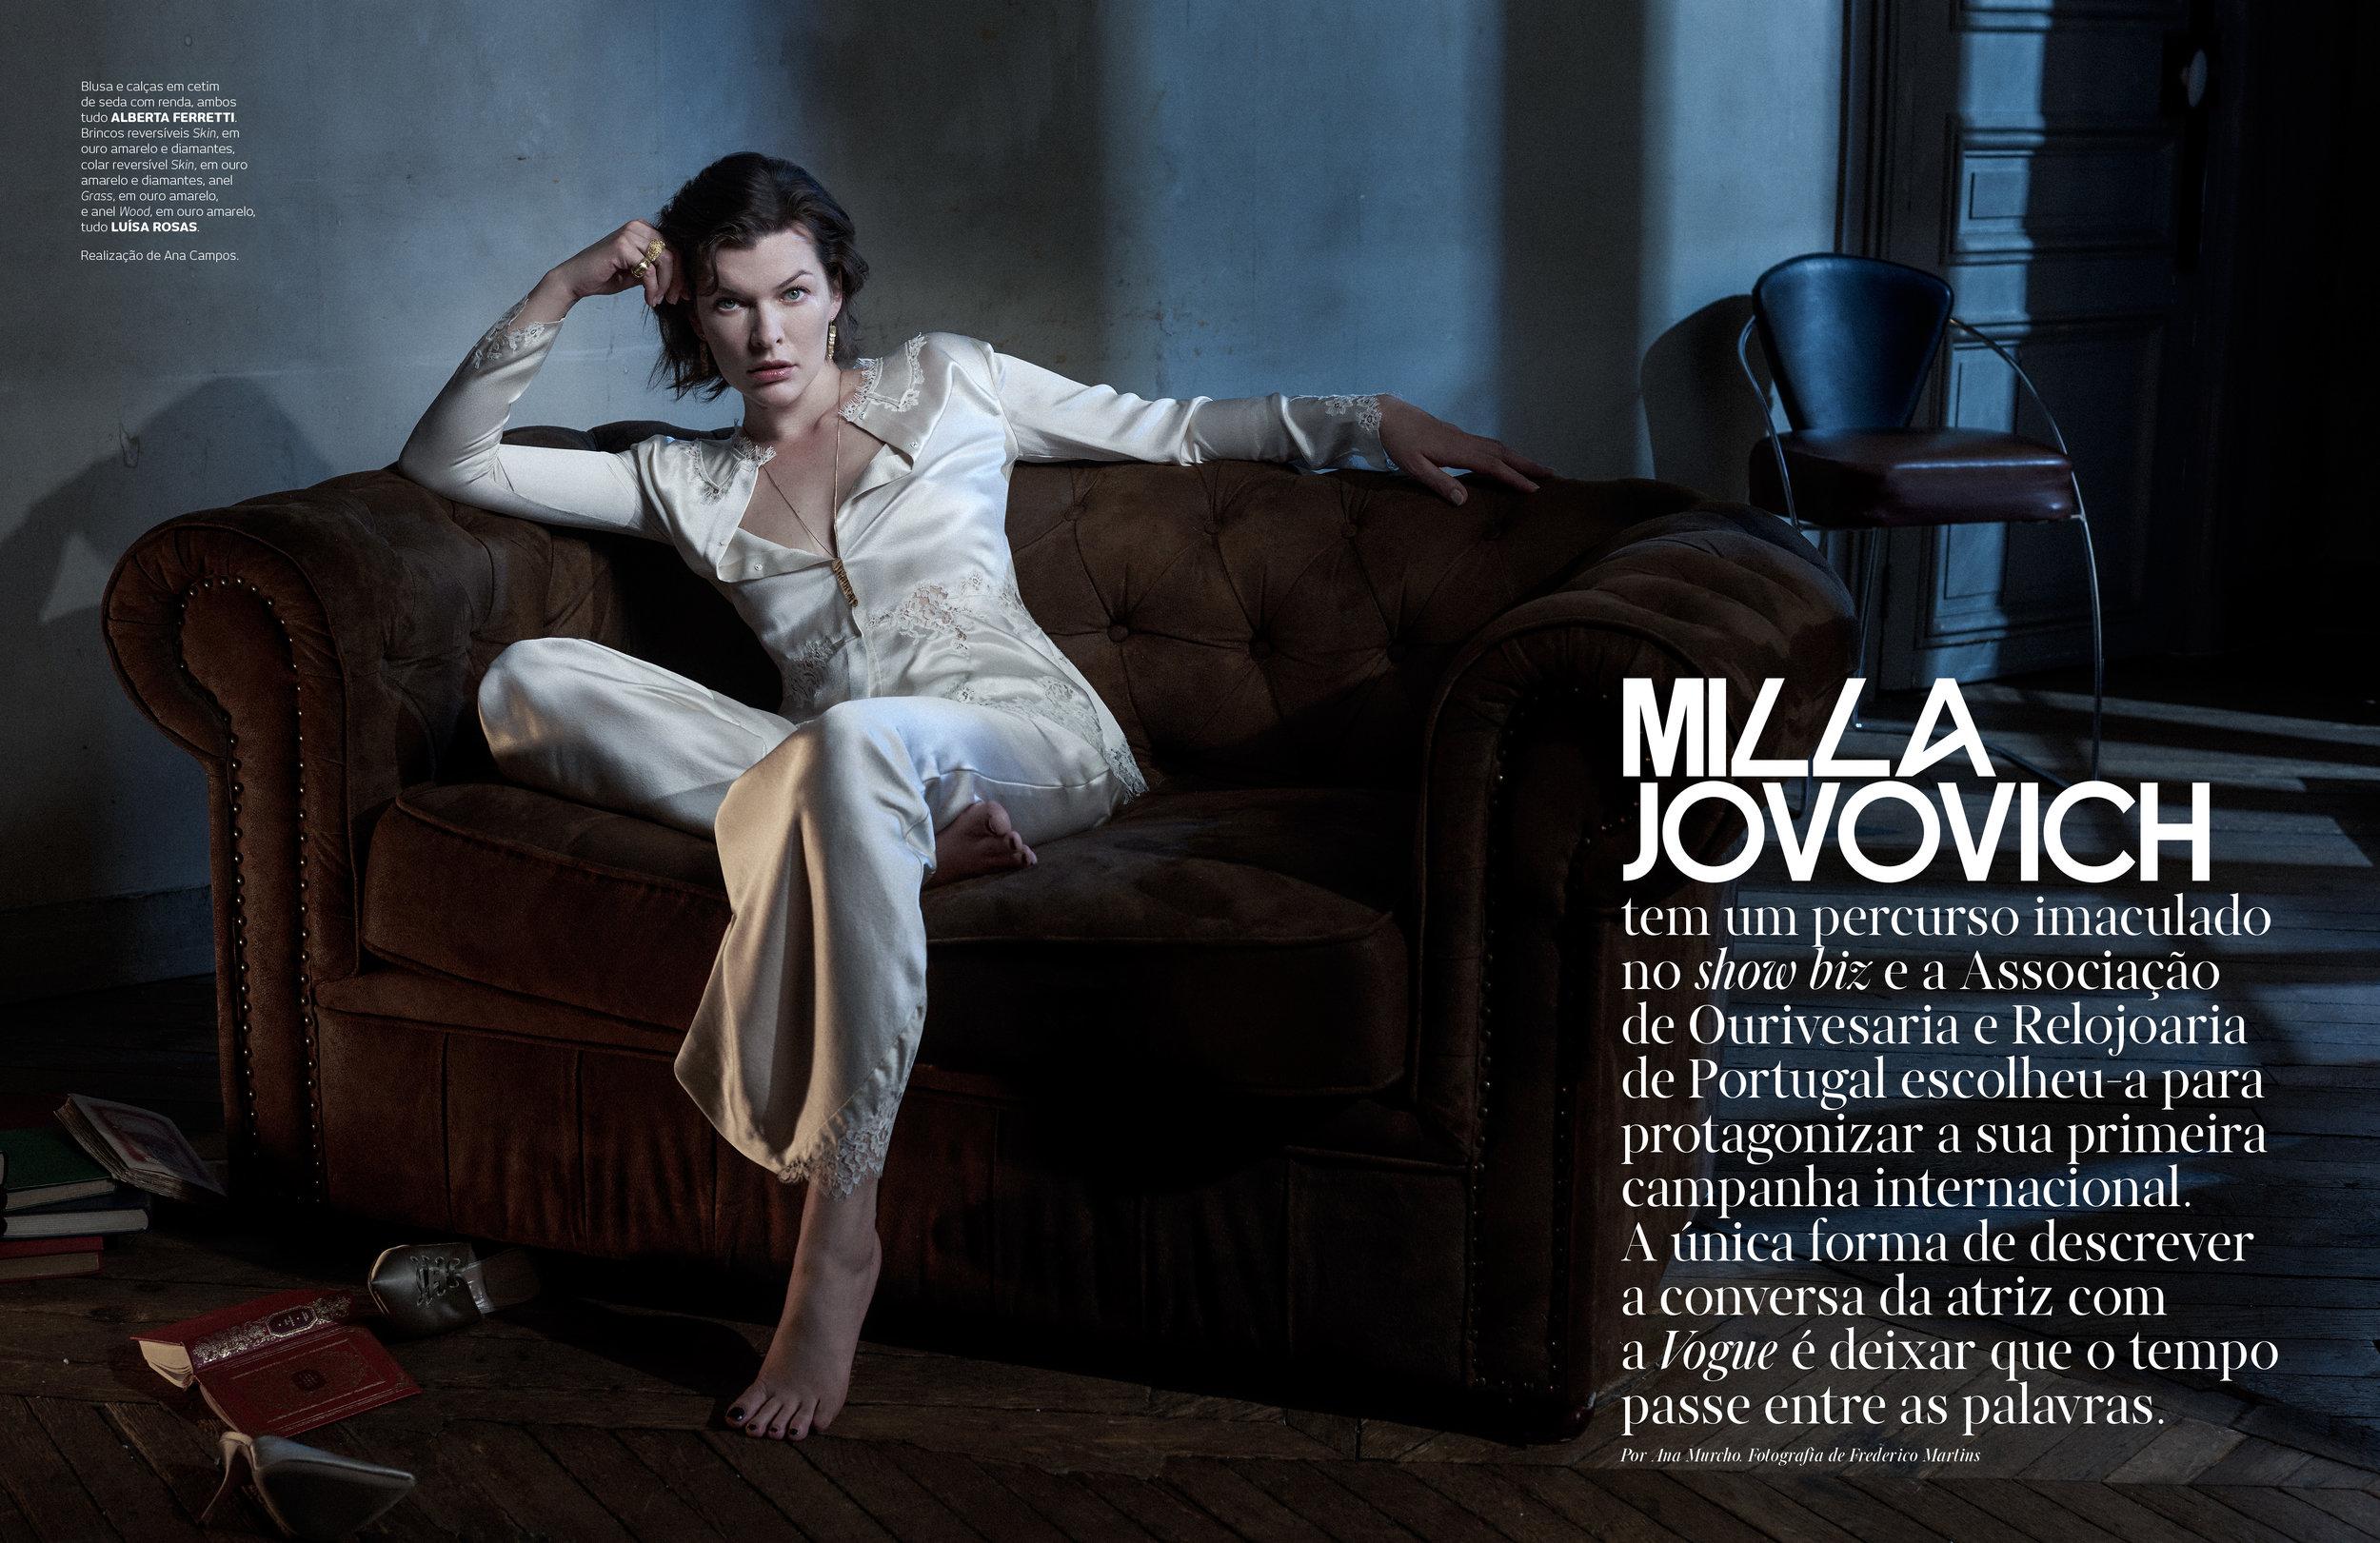 Vogue170_1.jpg